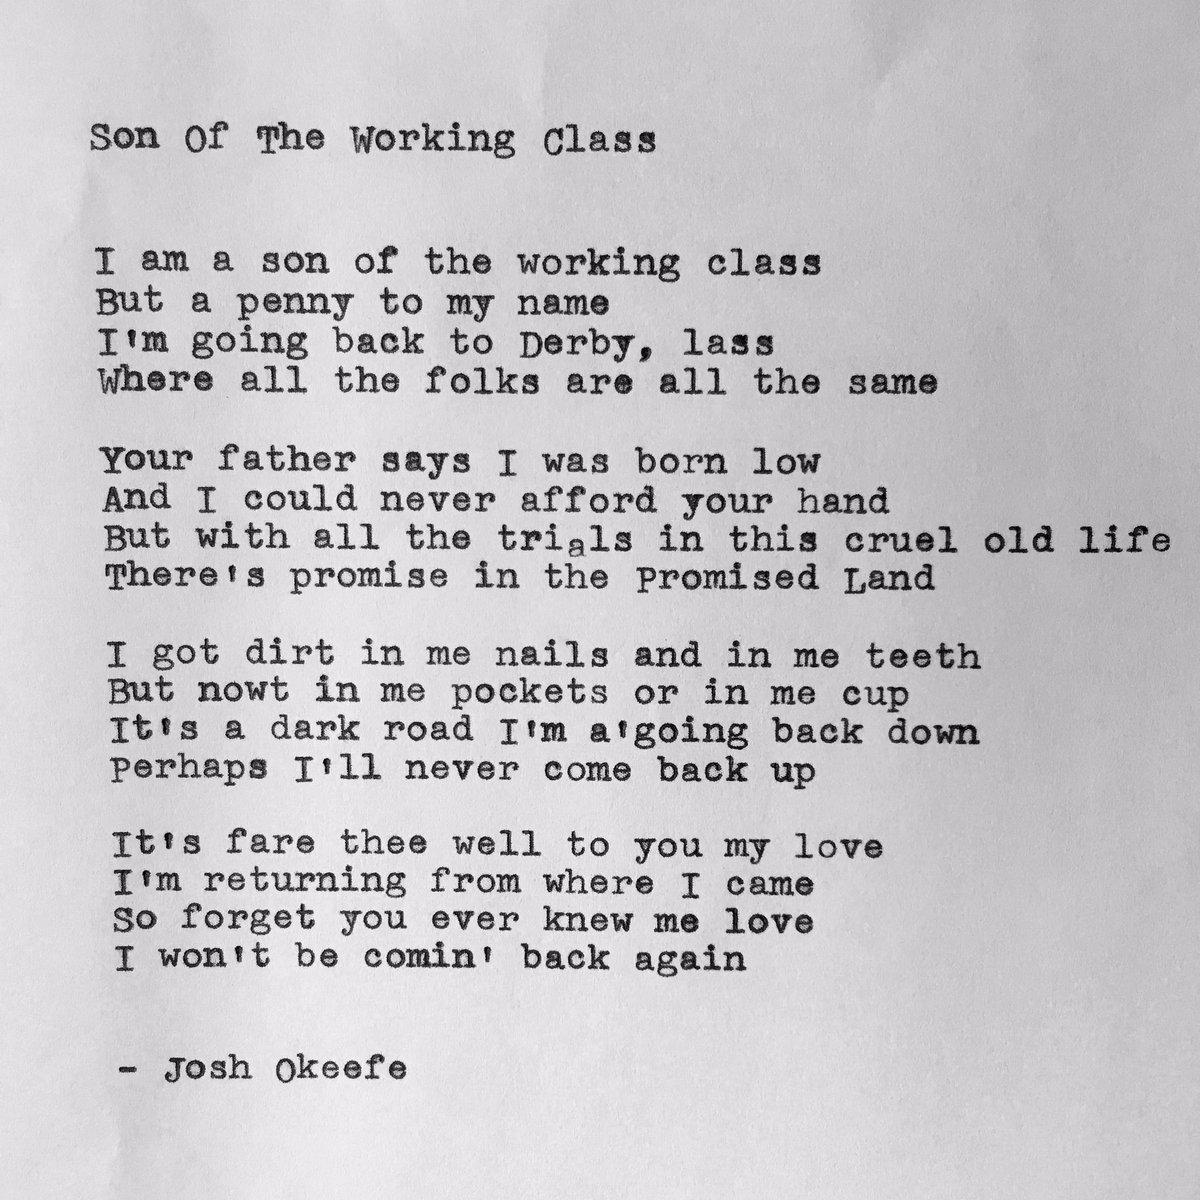 """Son Of The Working Class 🔨  Watch tha video n listen to """"Bloomin' Josh Okeefe"""": https://t.co/RAKfNu3xXU https://t.co/mFCNW7etz1"""